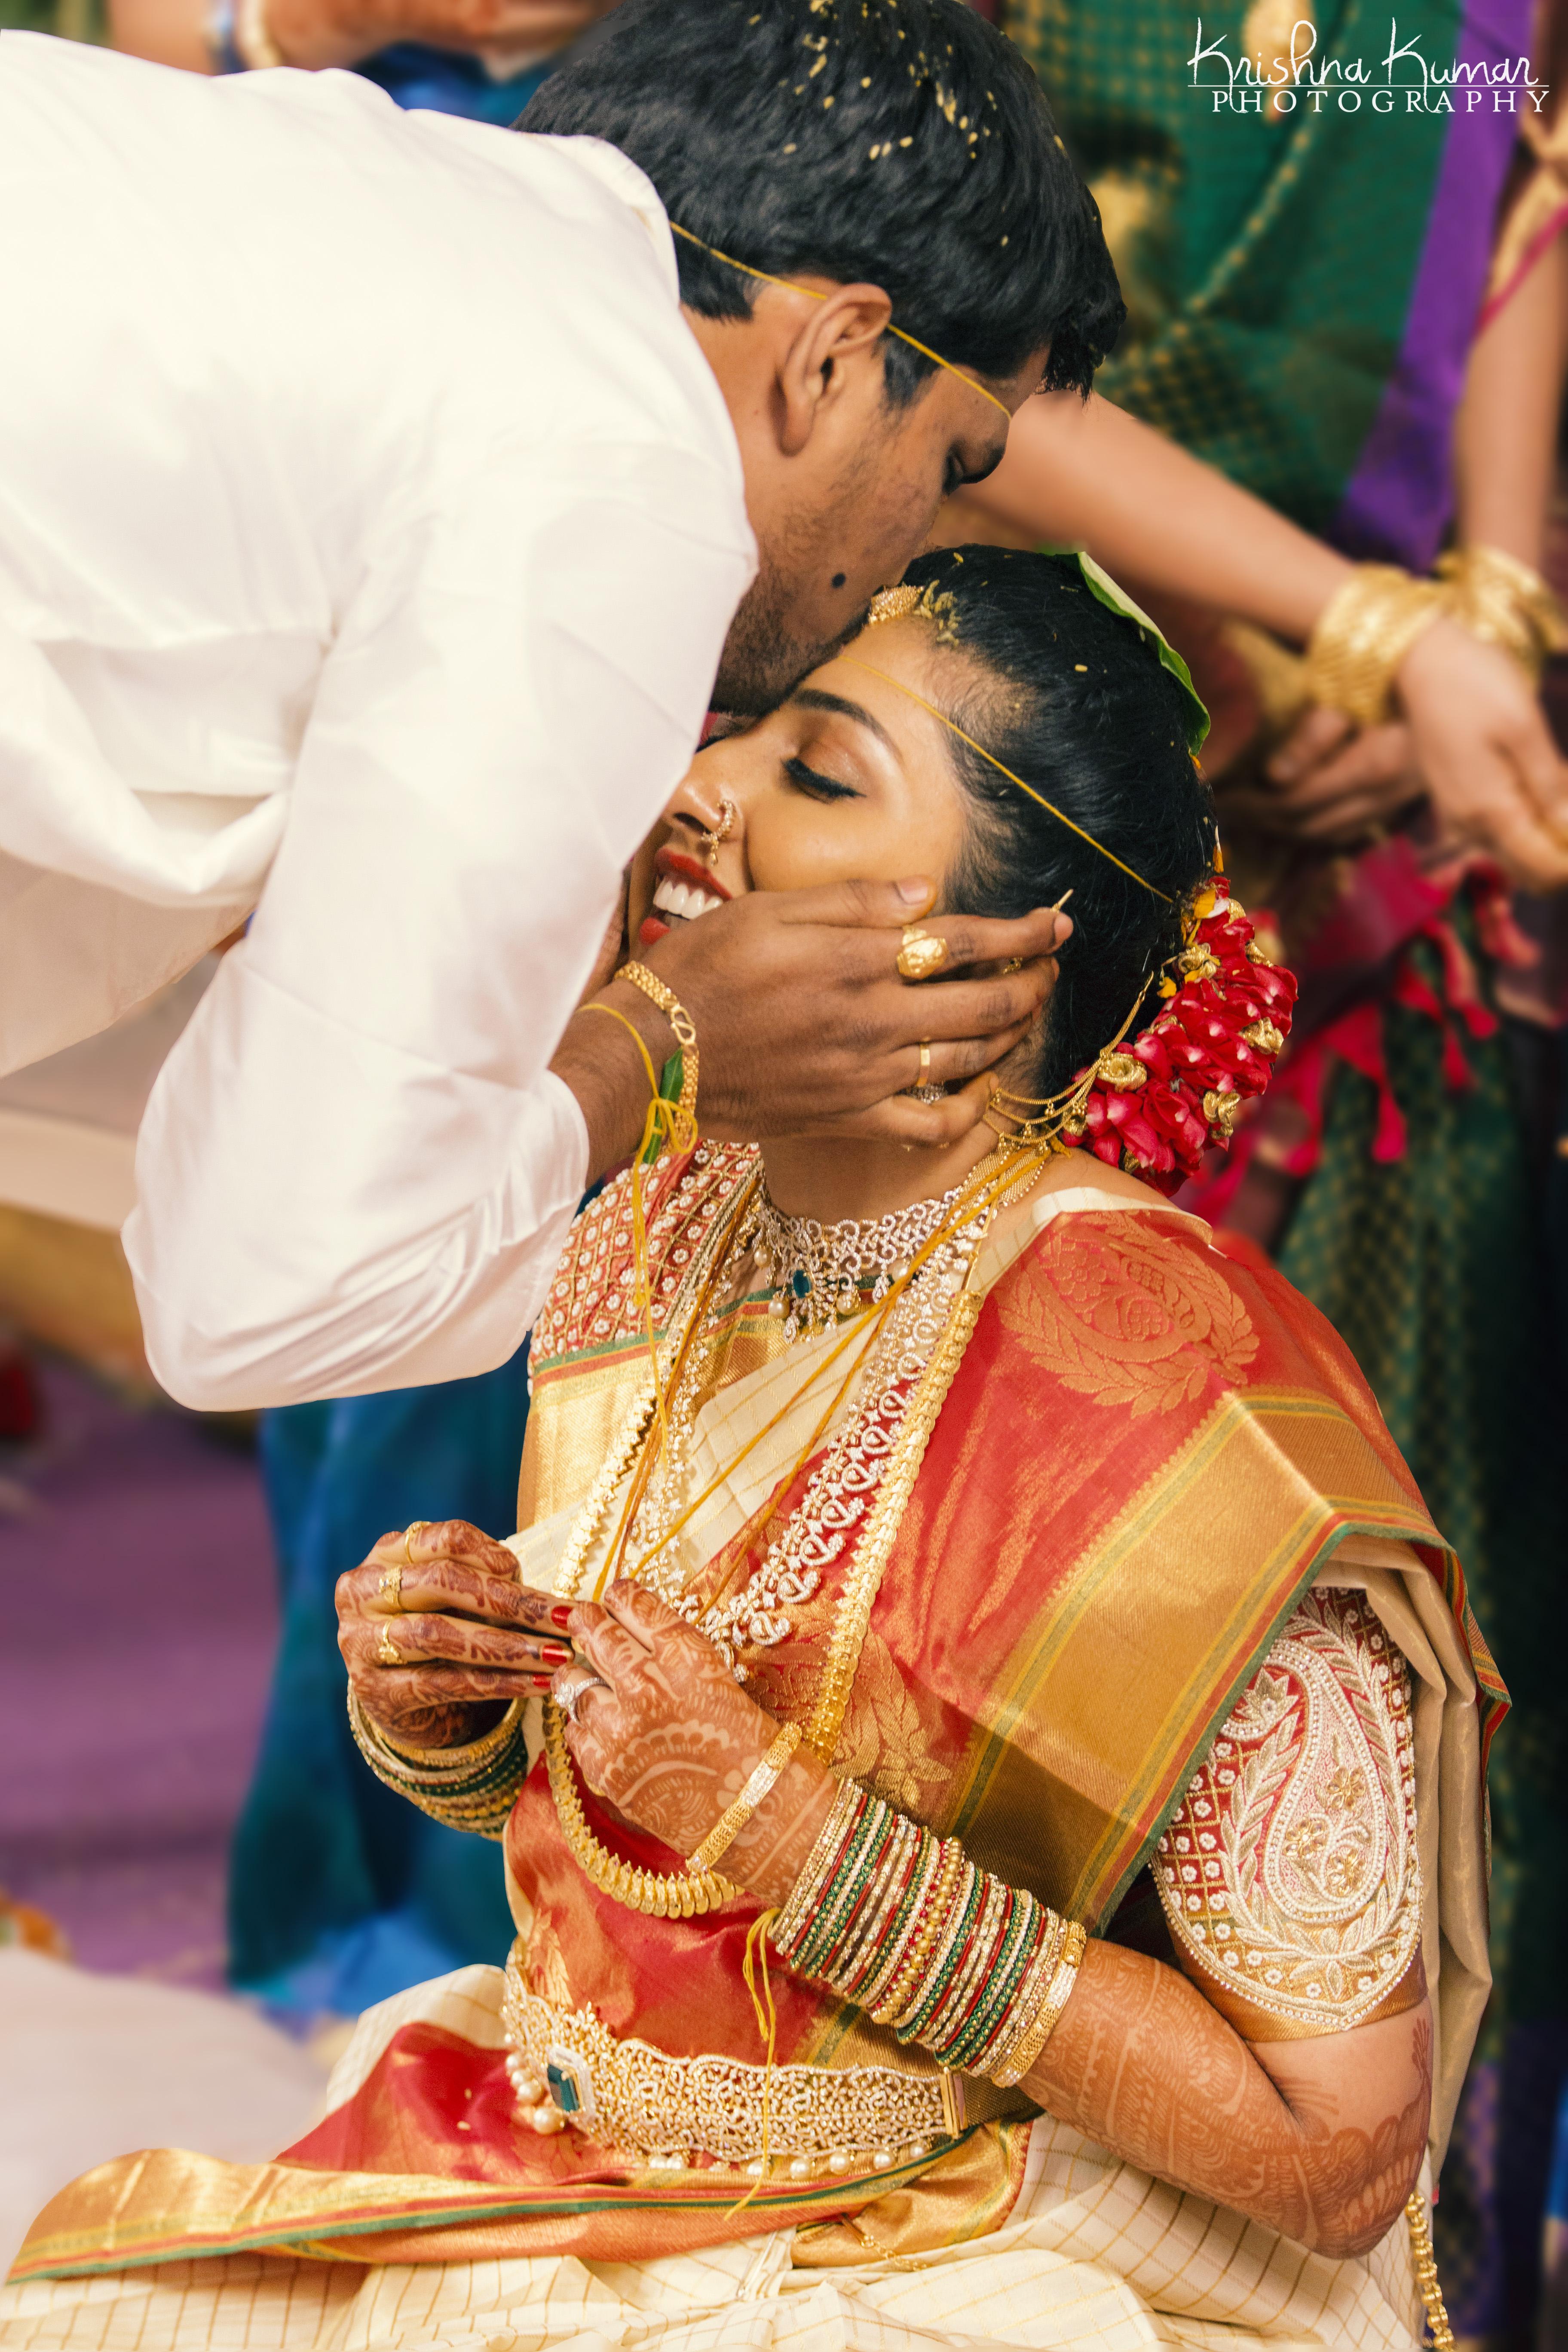 Krishna Kumar Photography